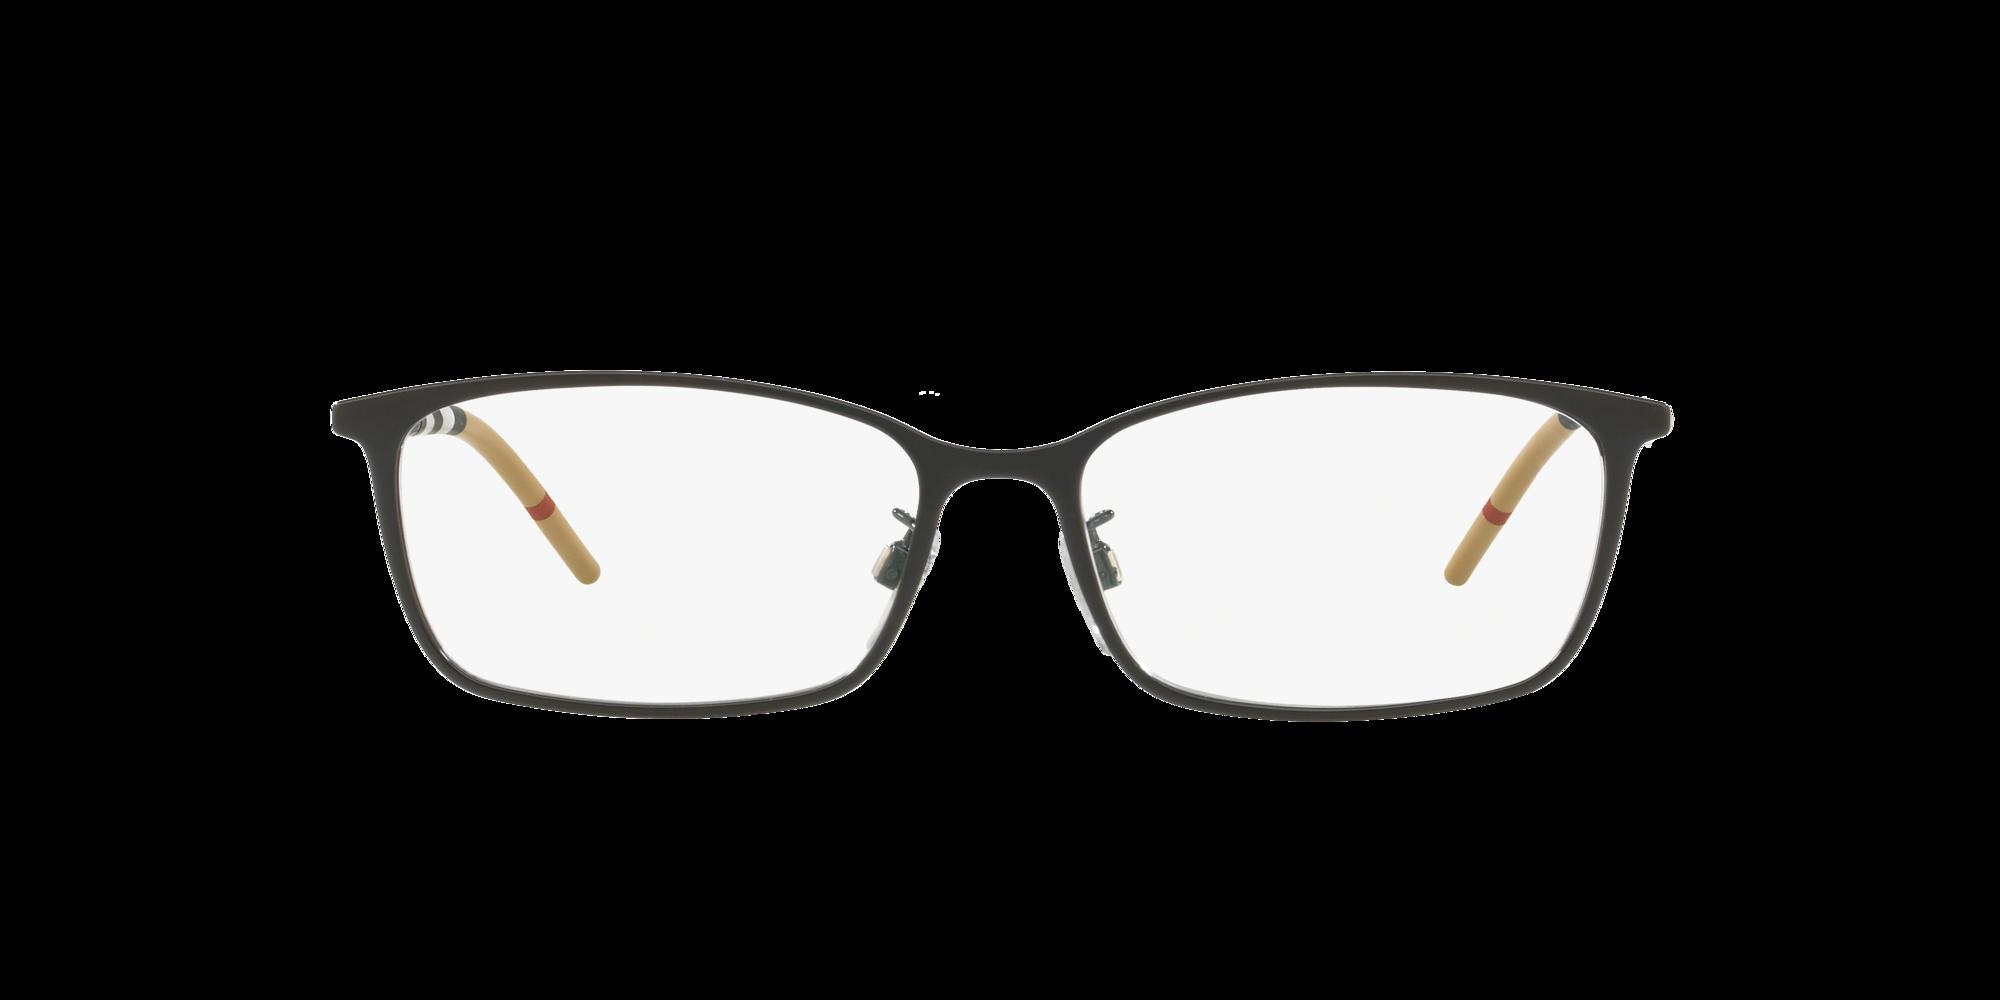 Imagen para BE1329D de LensCrafters |  Espejuelos, espejuelos graduados en línea, gafas